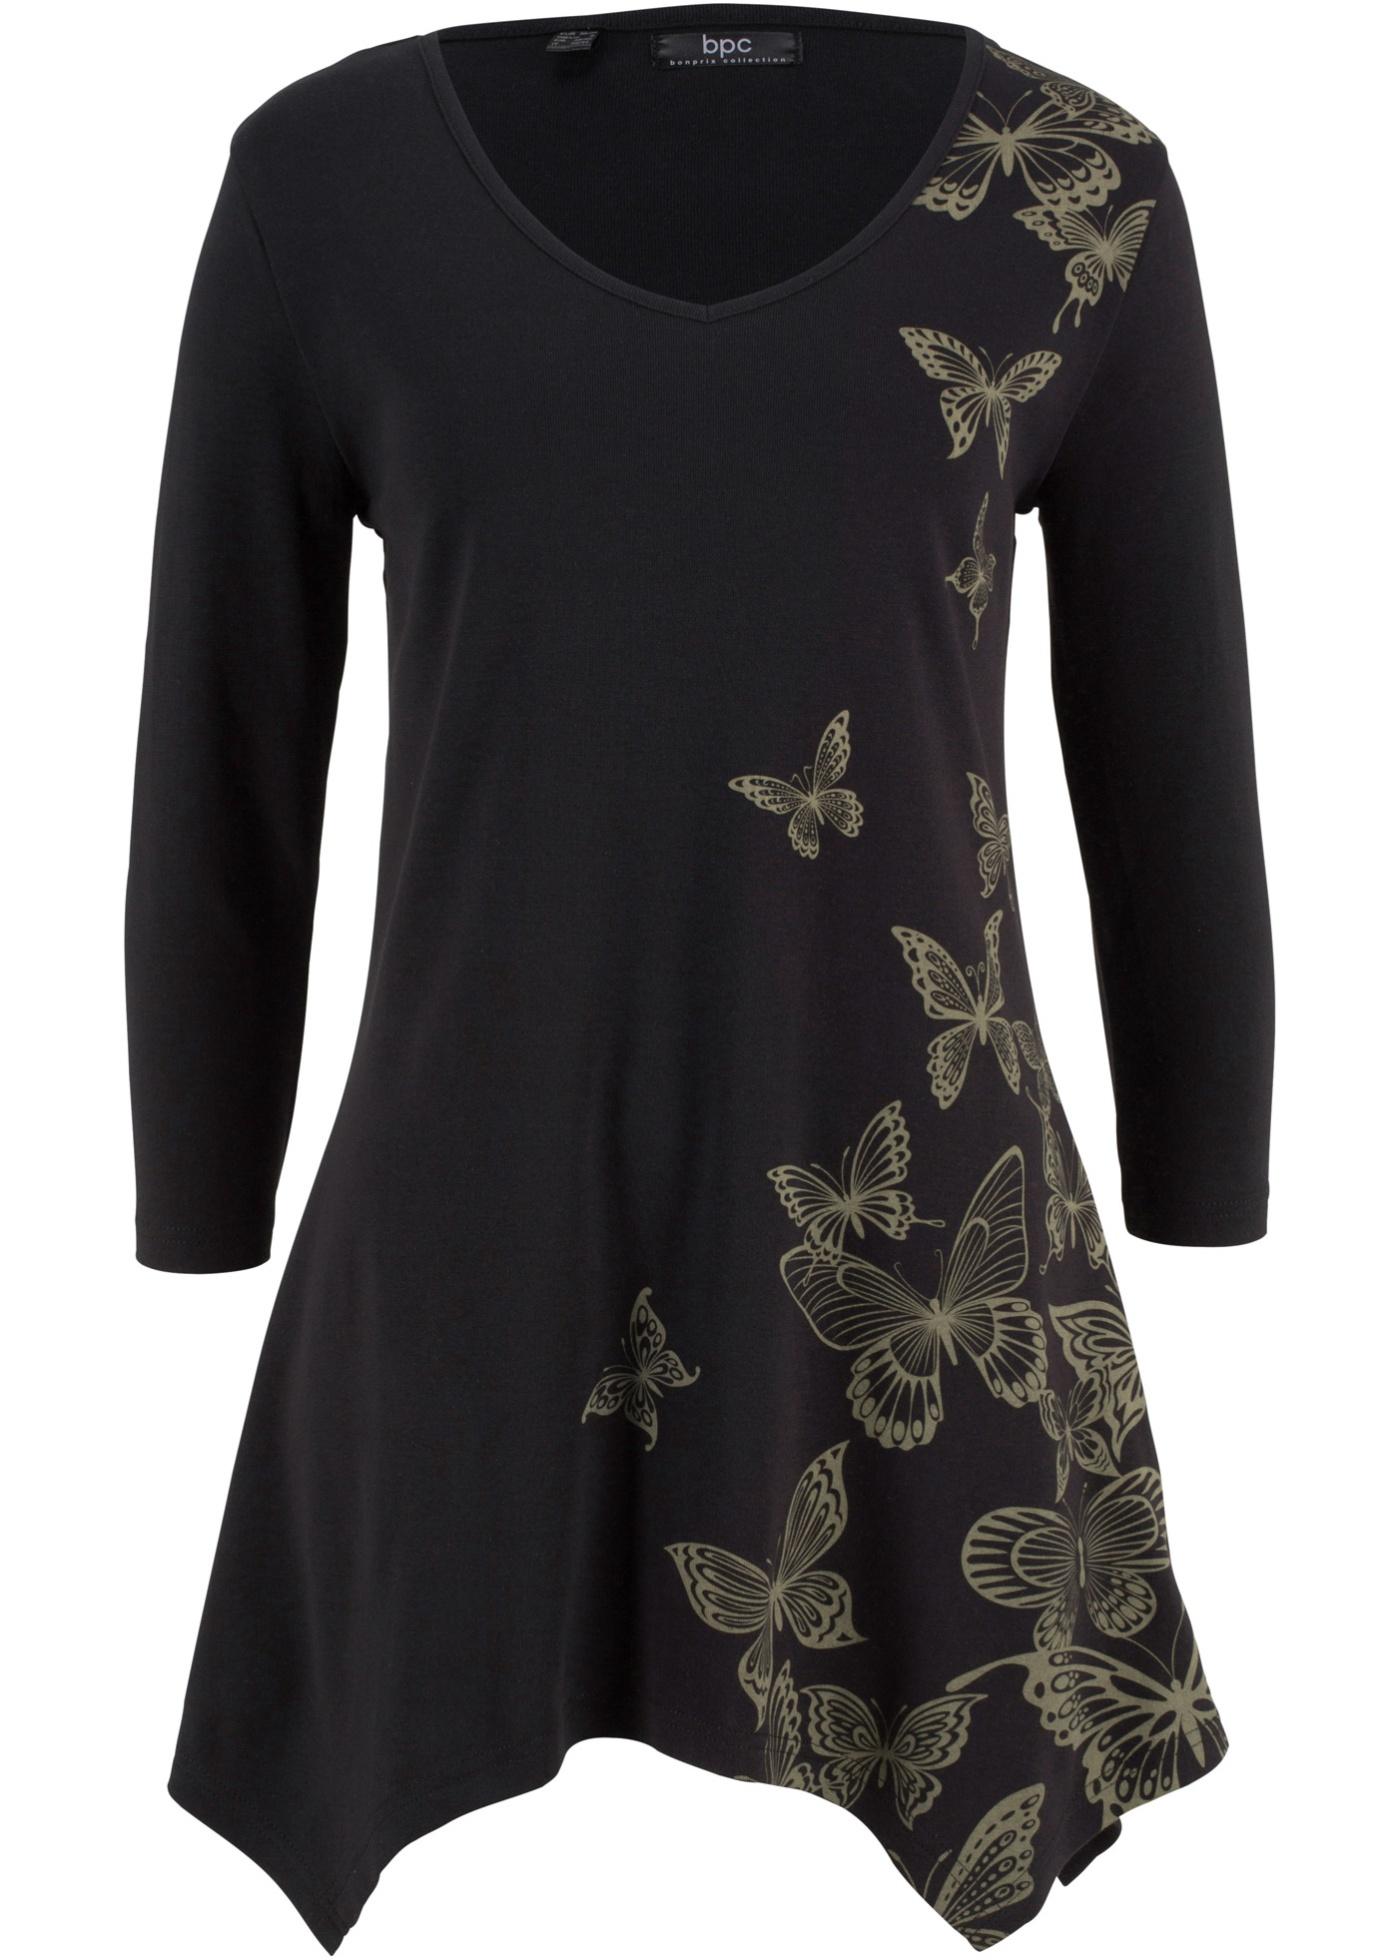 Noir À shirt 4 Pour Bpc CollectionT PansManches 3 Bonprix Femme TF1JlcK3